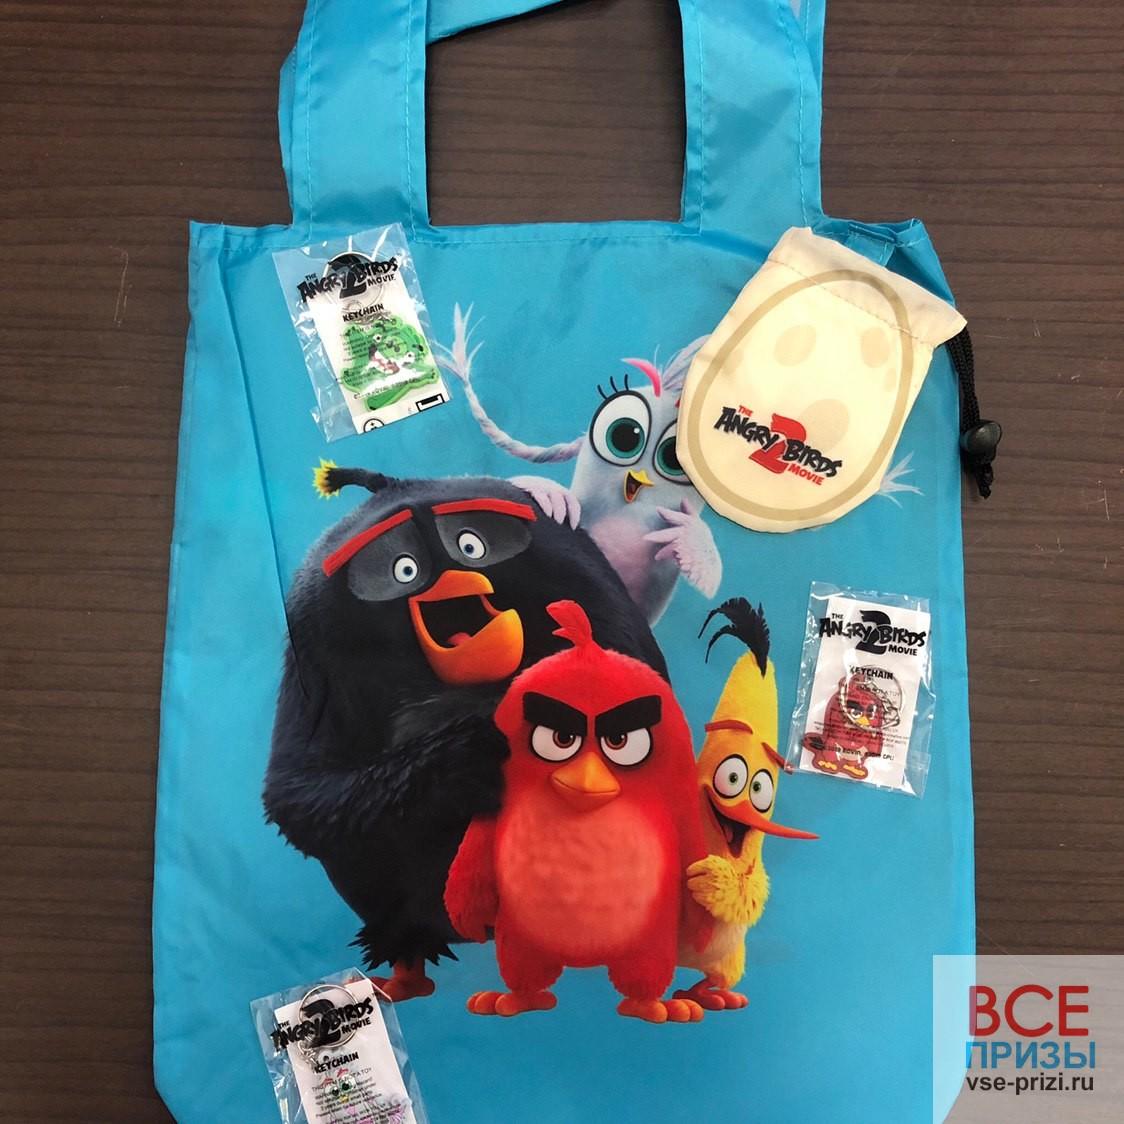 Разыгрываем призы к мультфильму «Angry Birds 2 в кино»